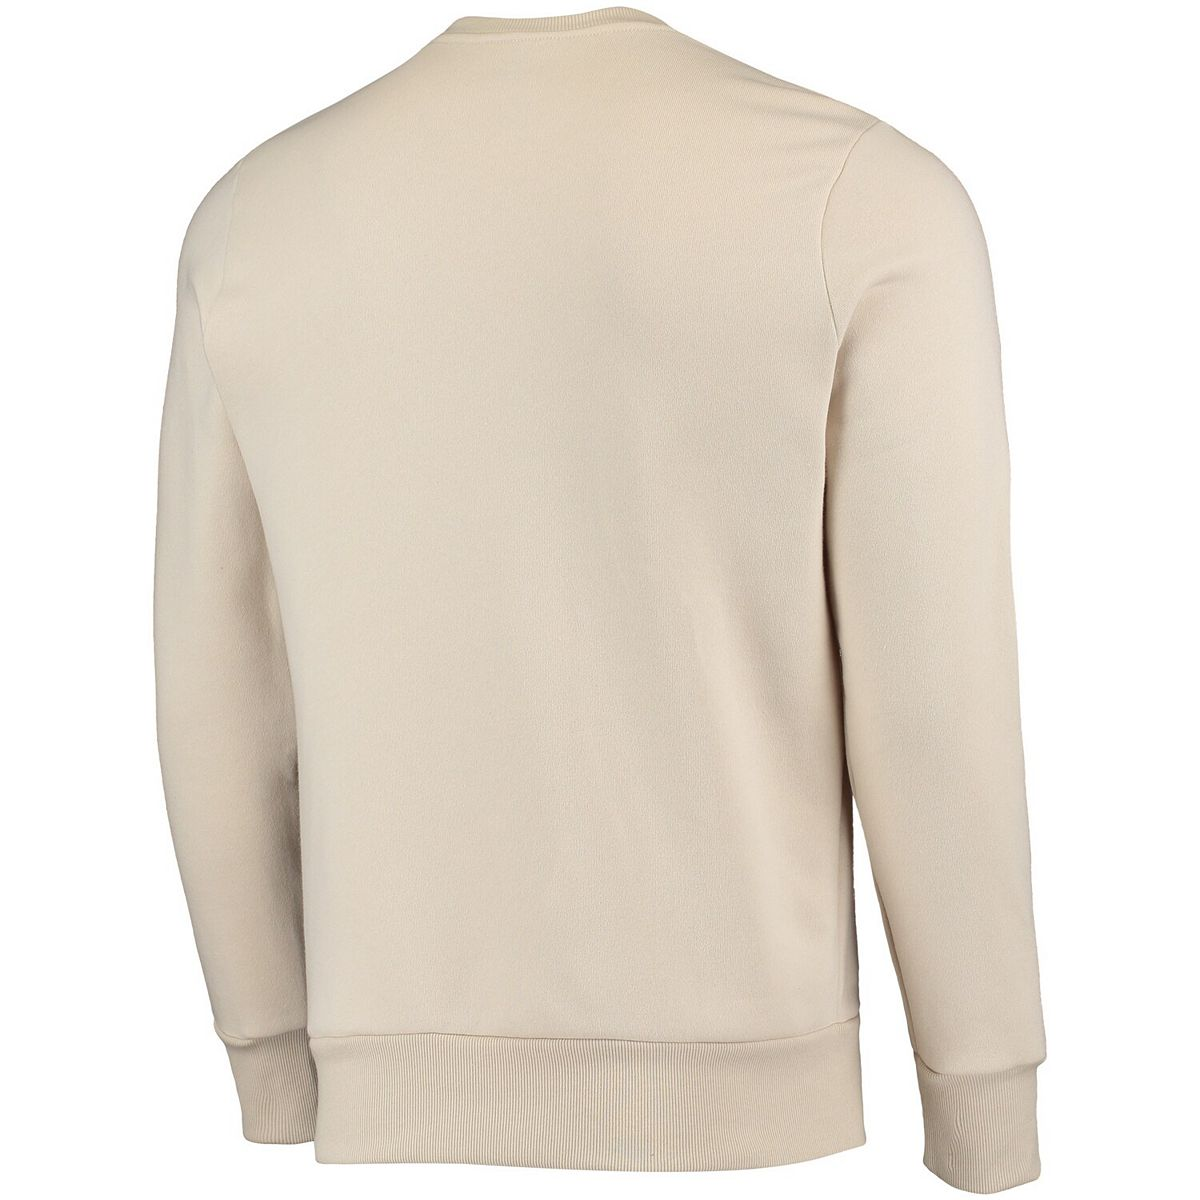 Men's Majestic Threads Oatmeal Chicago Cubs Fleece Pullover Sweatshirt IvFdz